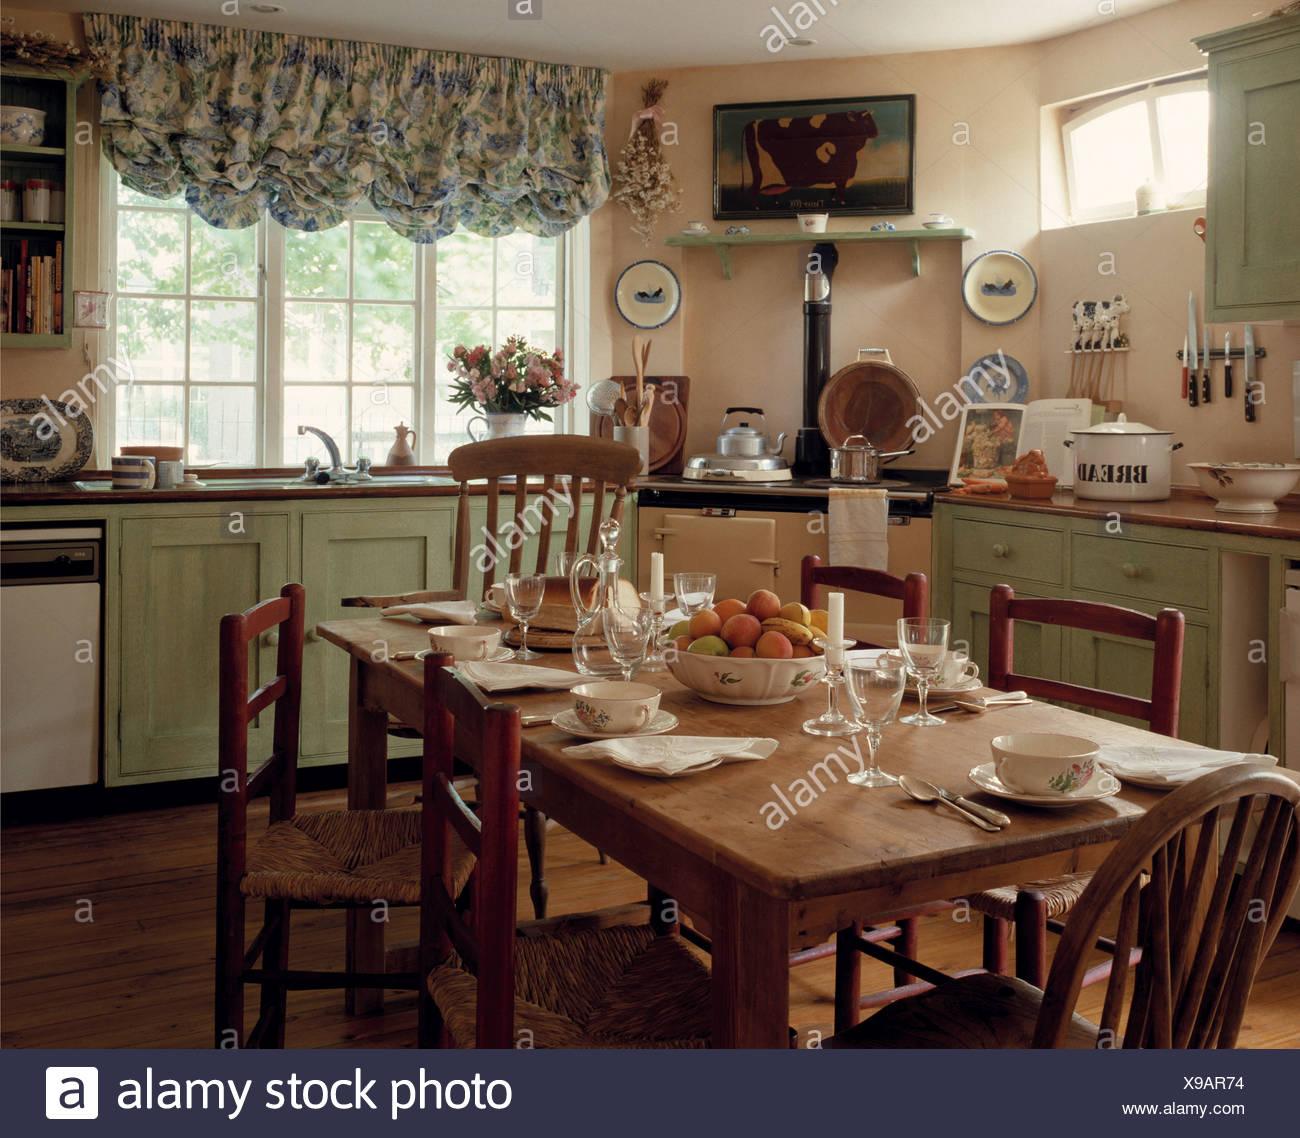 Cottage Chairs Stockfotos & Cottage Chairs Bilder - Seite 5 - Alamy